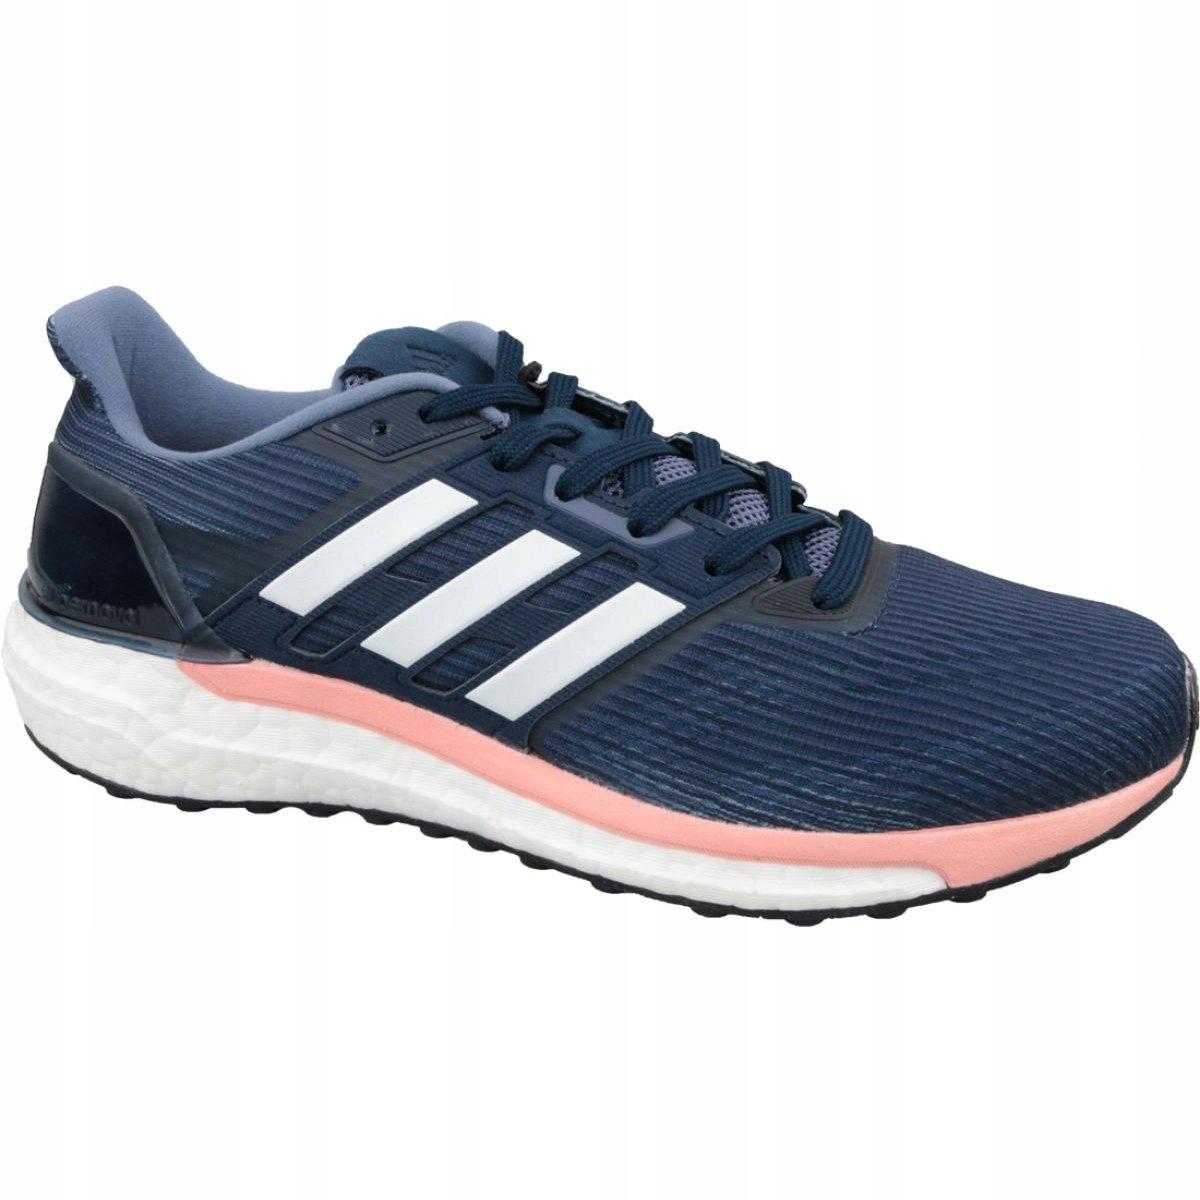 Adidas sportowe damskie granatowe r.38